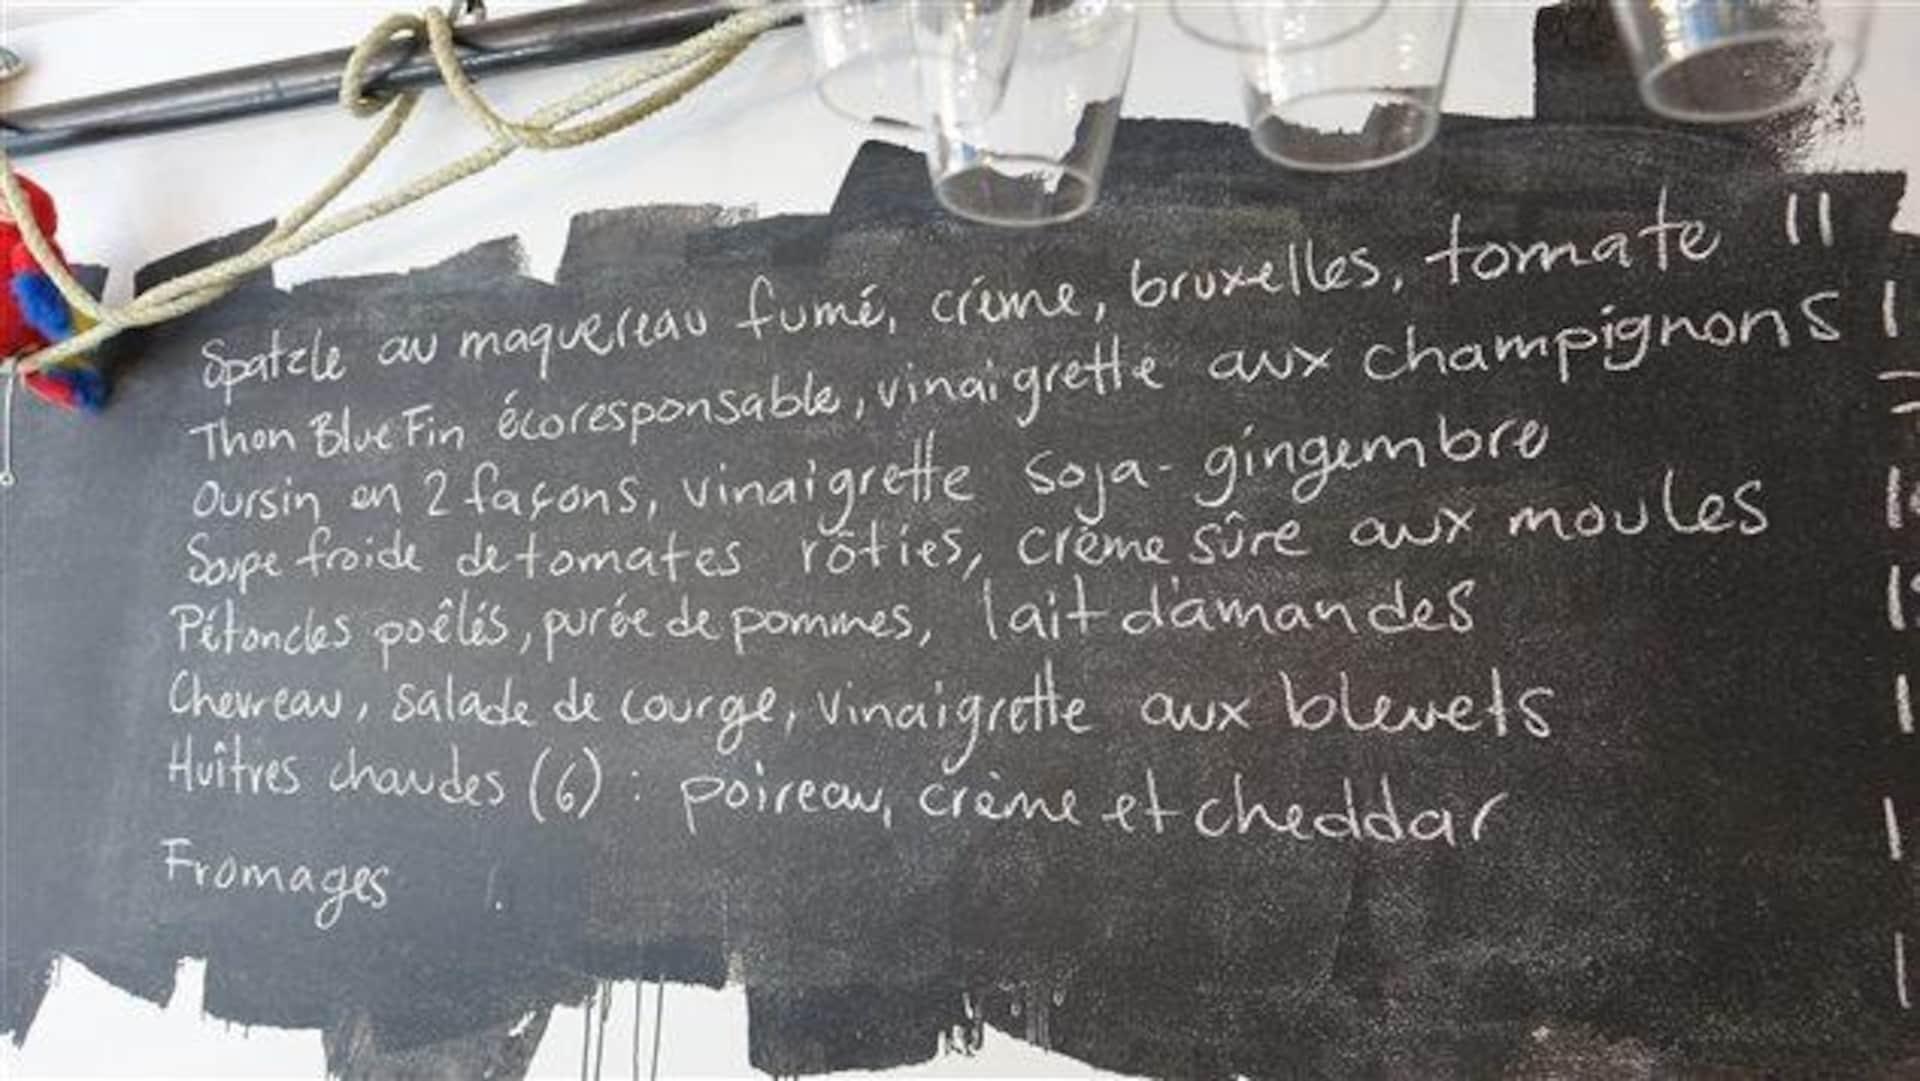 Un menu de restaurant.